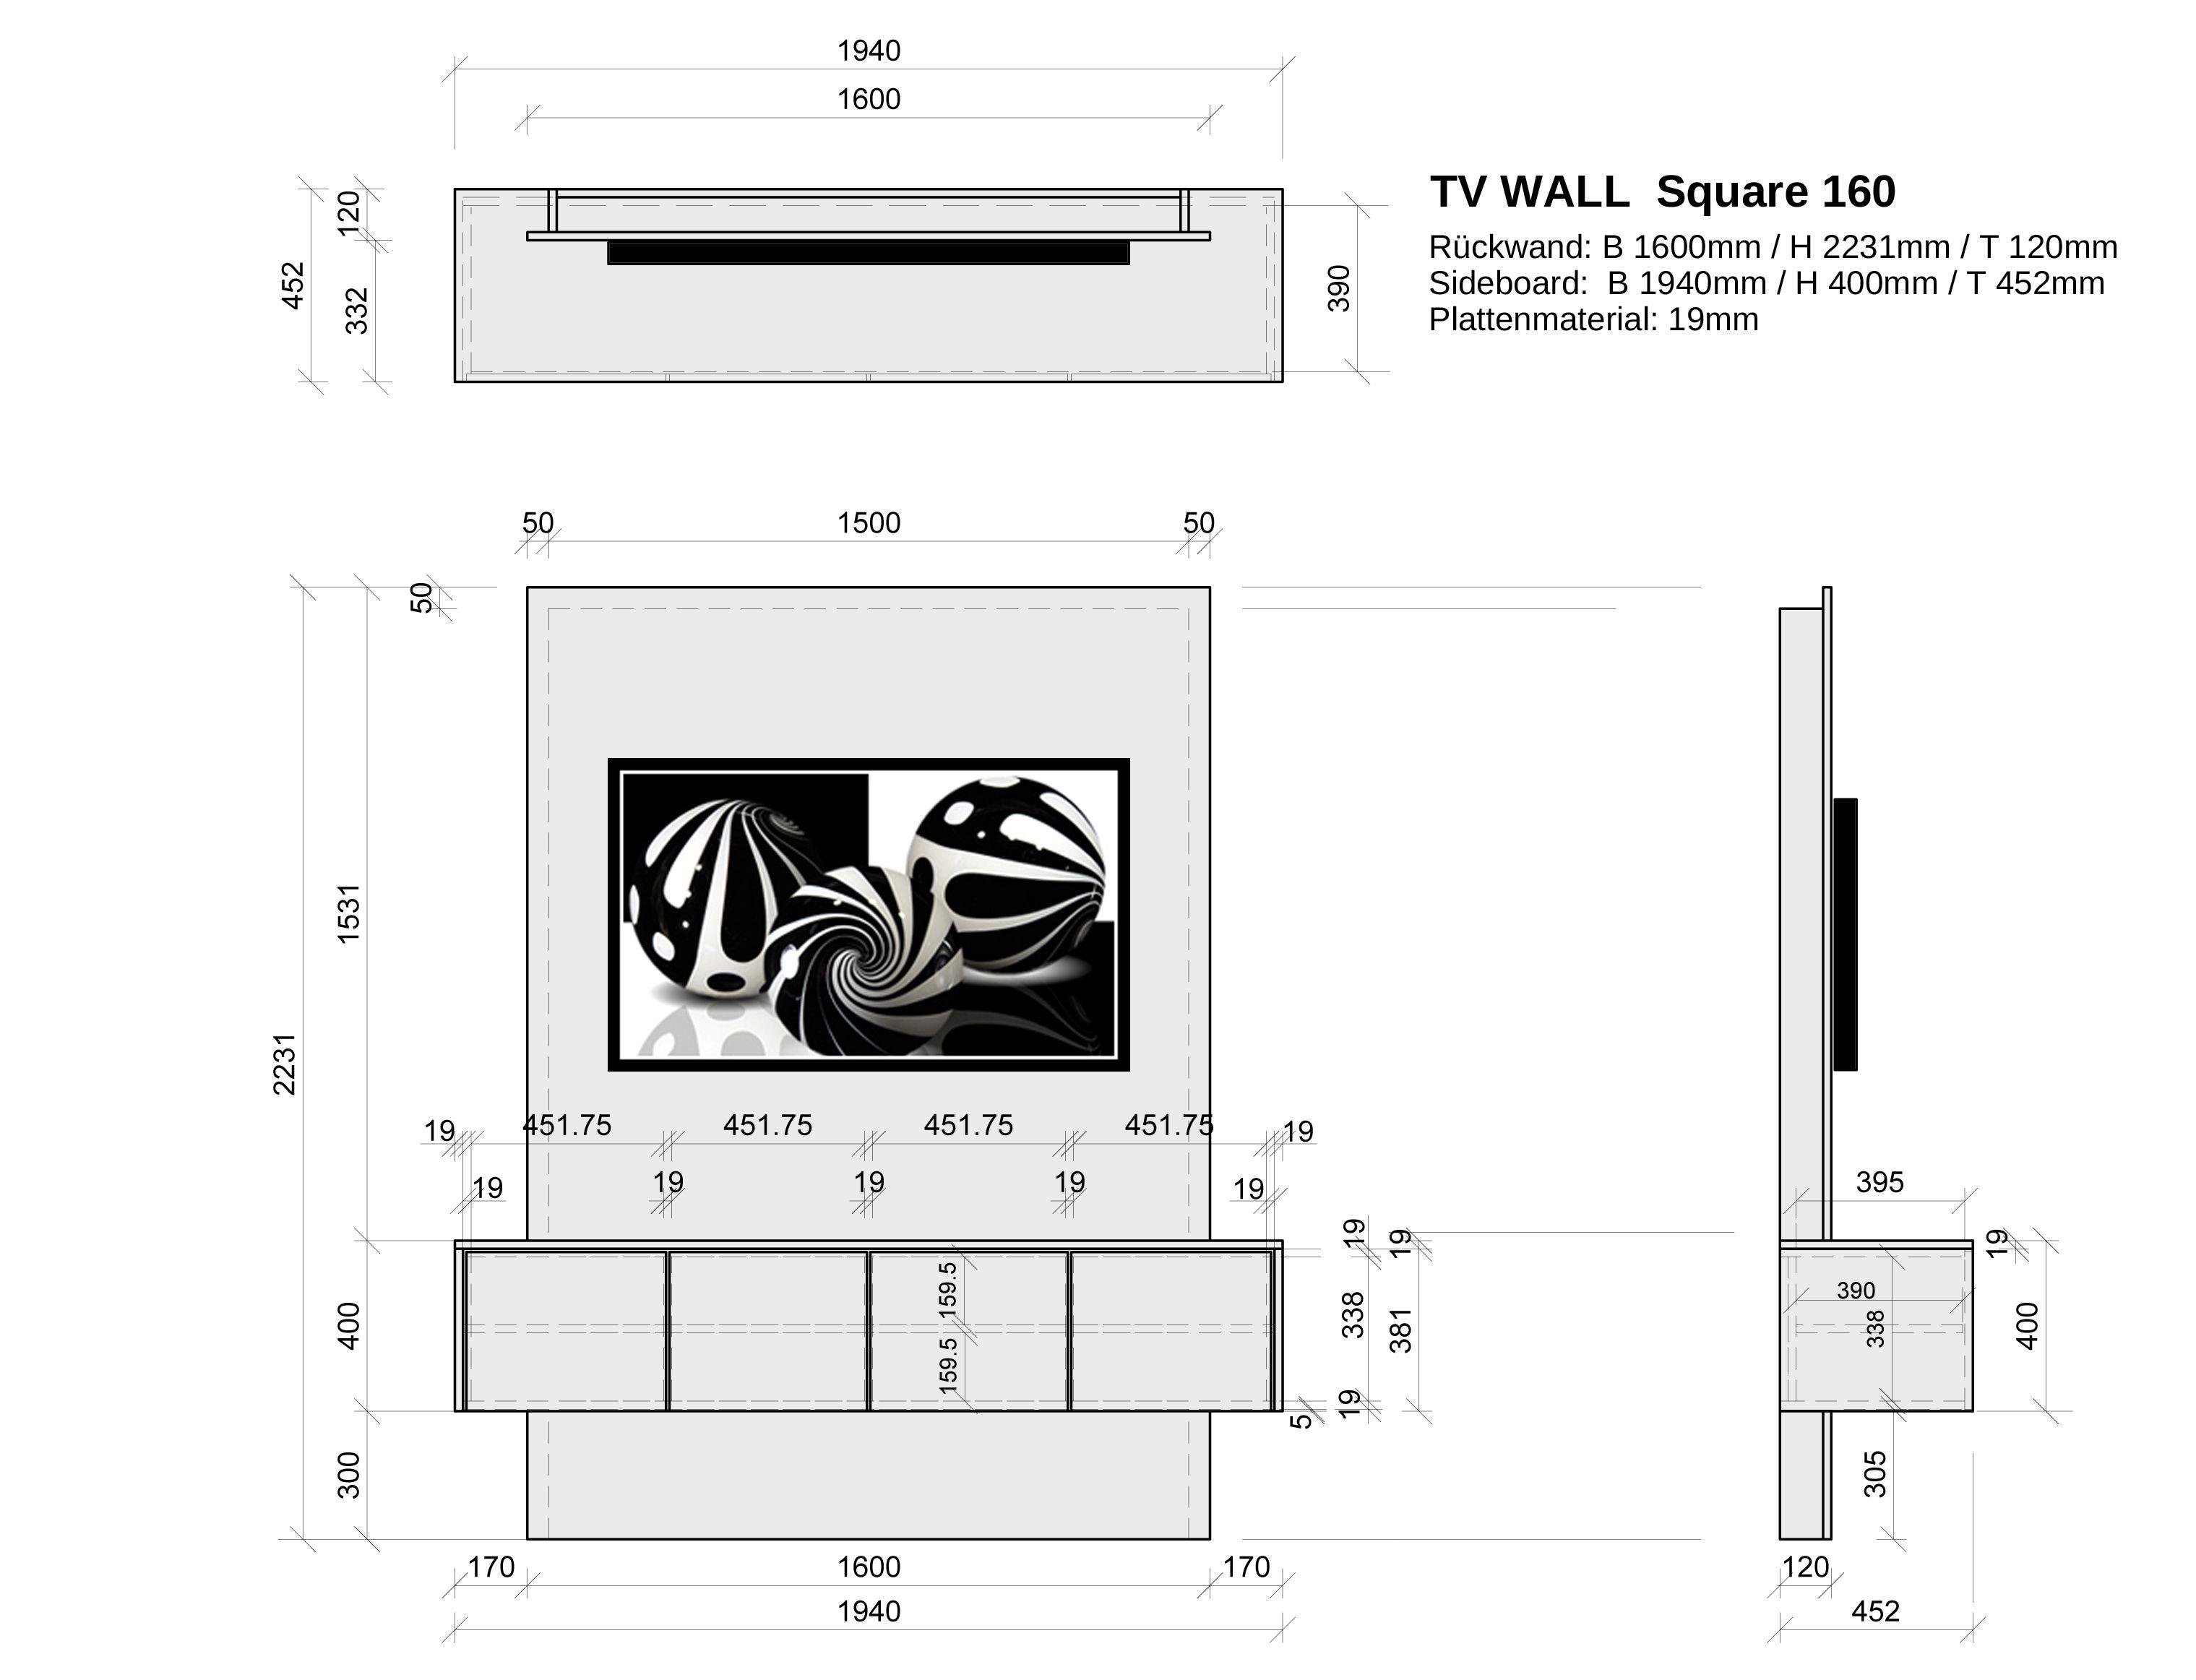 fernseher ohne kabel-chaos elegant an die wand bringen: tv wall